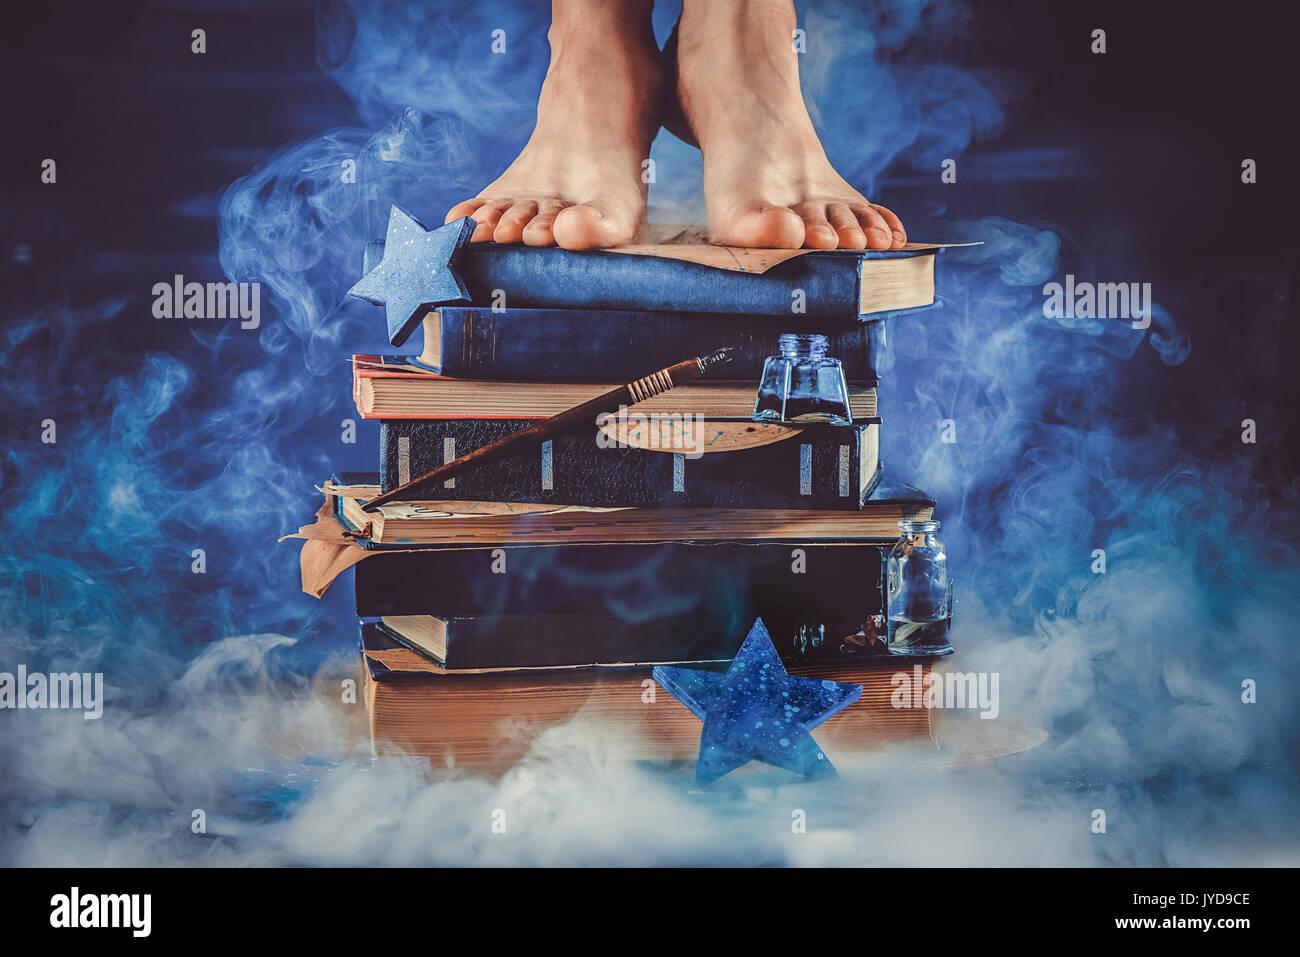 Kid pie sobre un montón de libros en el medio de una nube de humo oscuro bodegón en tonos de azul. educación la metáfora. Imagen De Stock